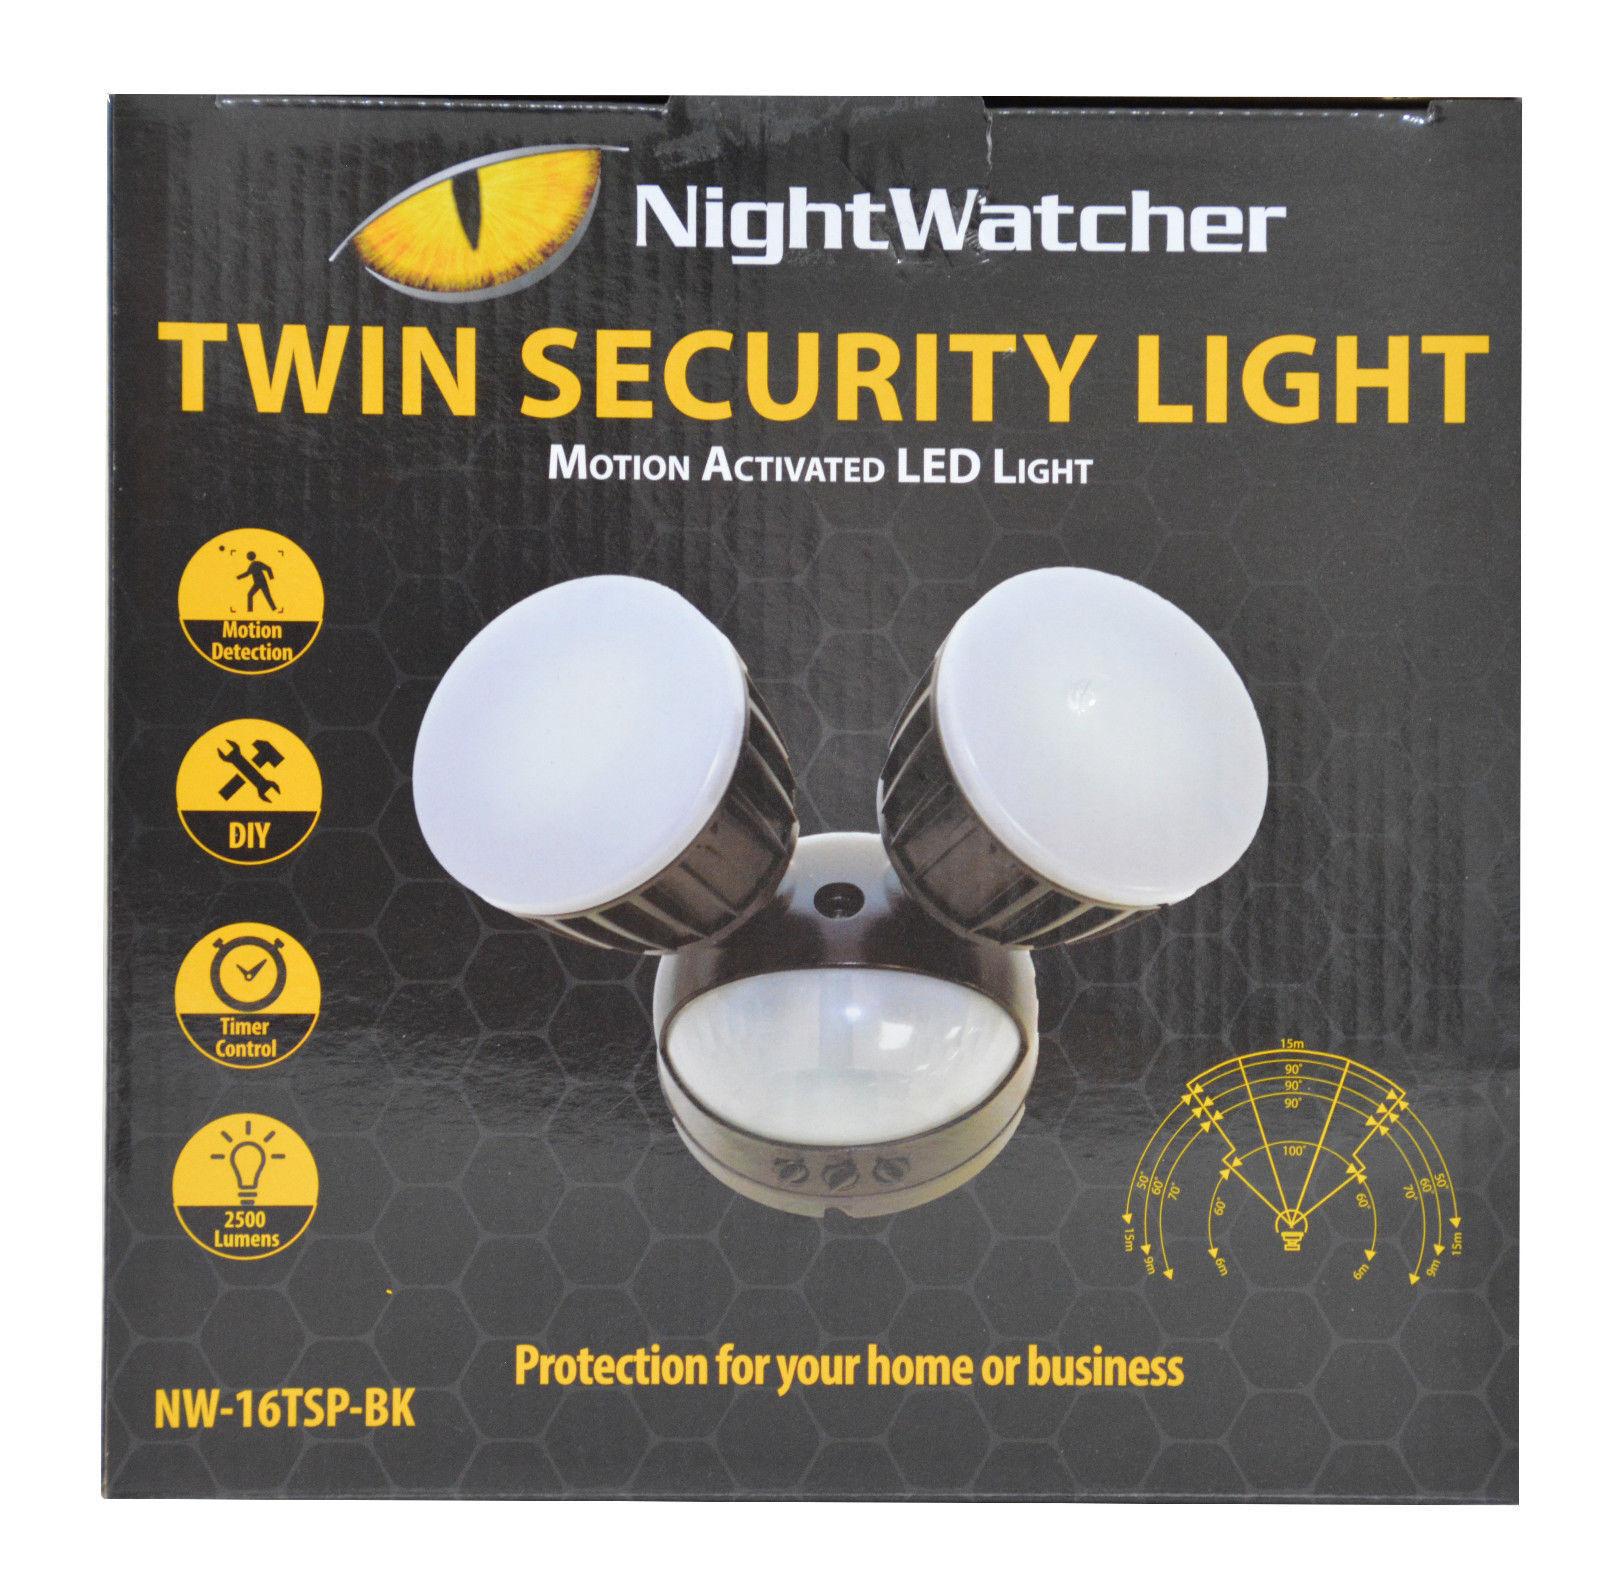 vendita online sconto prezzo basso NightWatcher NightWatcher NightWatcher TWIN sicurezza Motion attivato sensore PIR LED Luce 36W NW-16TSP-BK Nero  design semplice e generoso